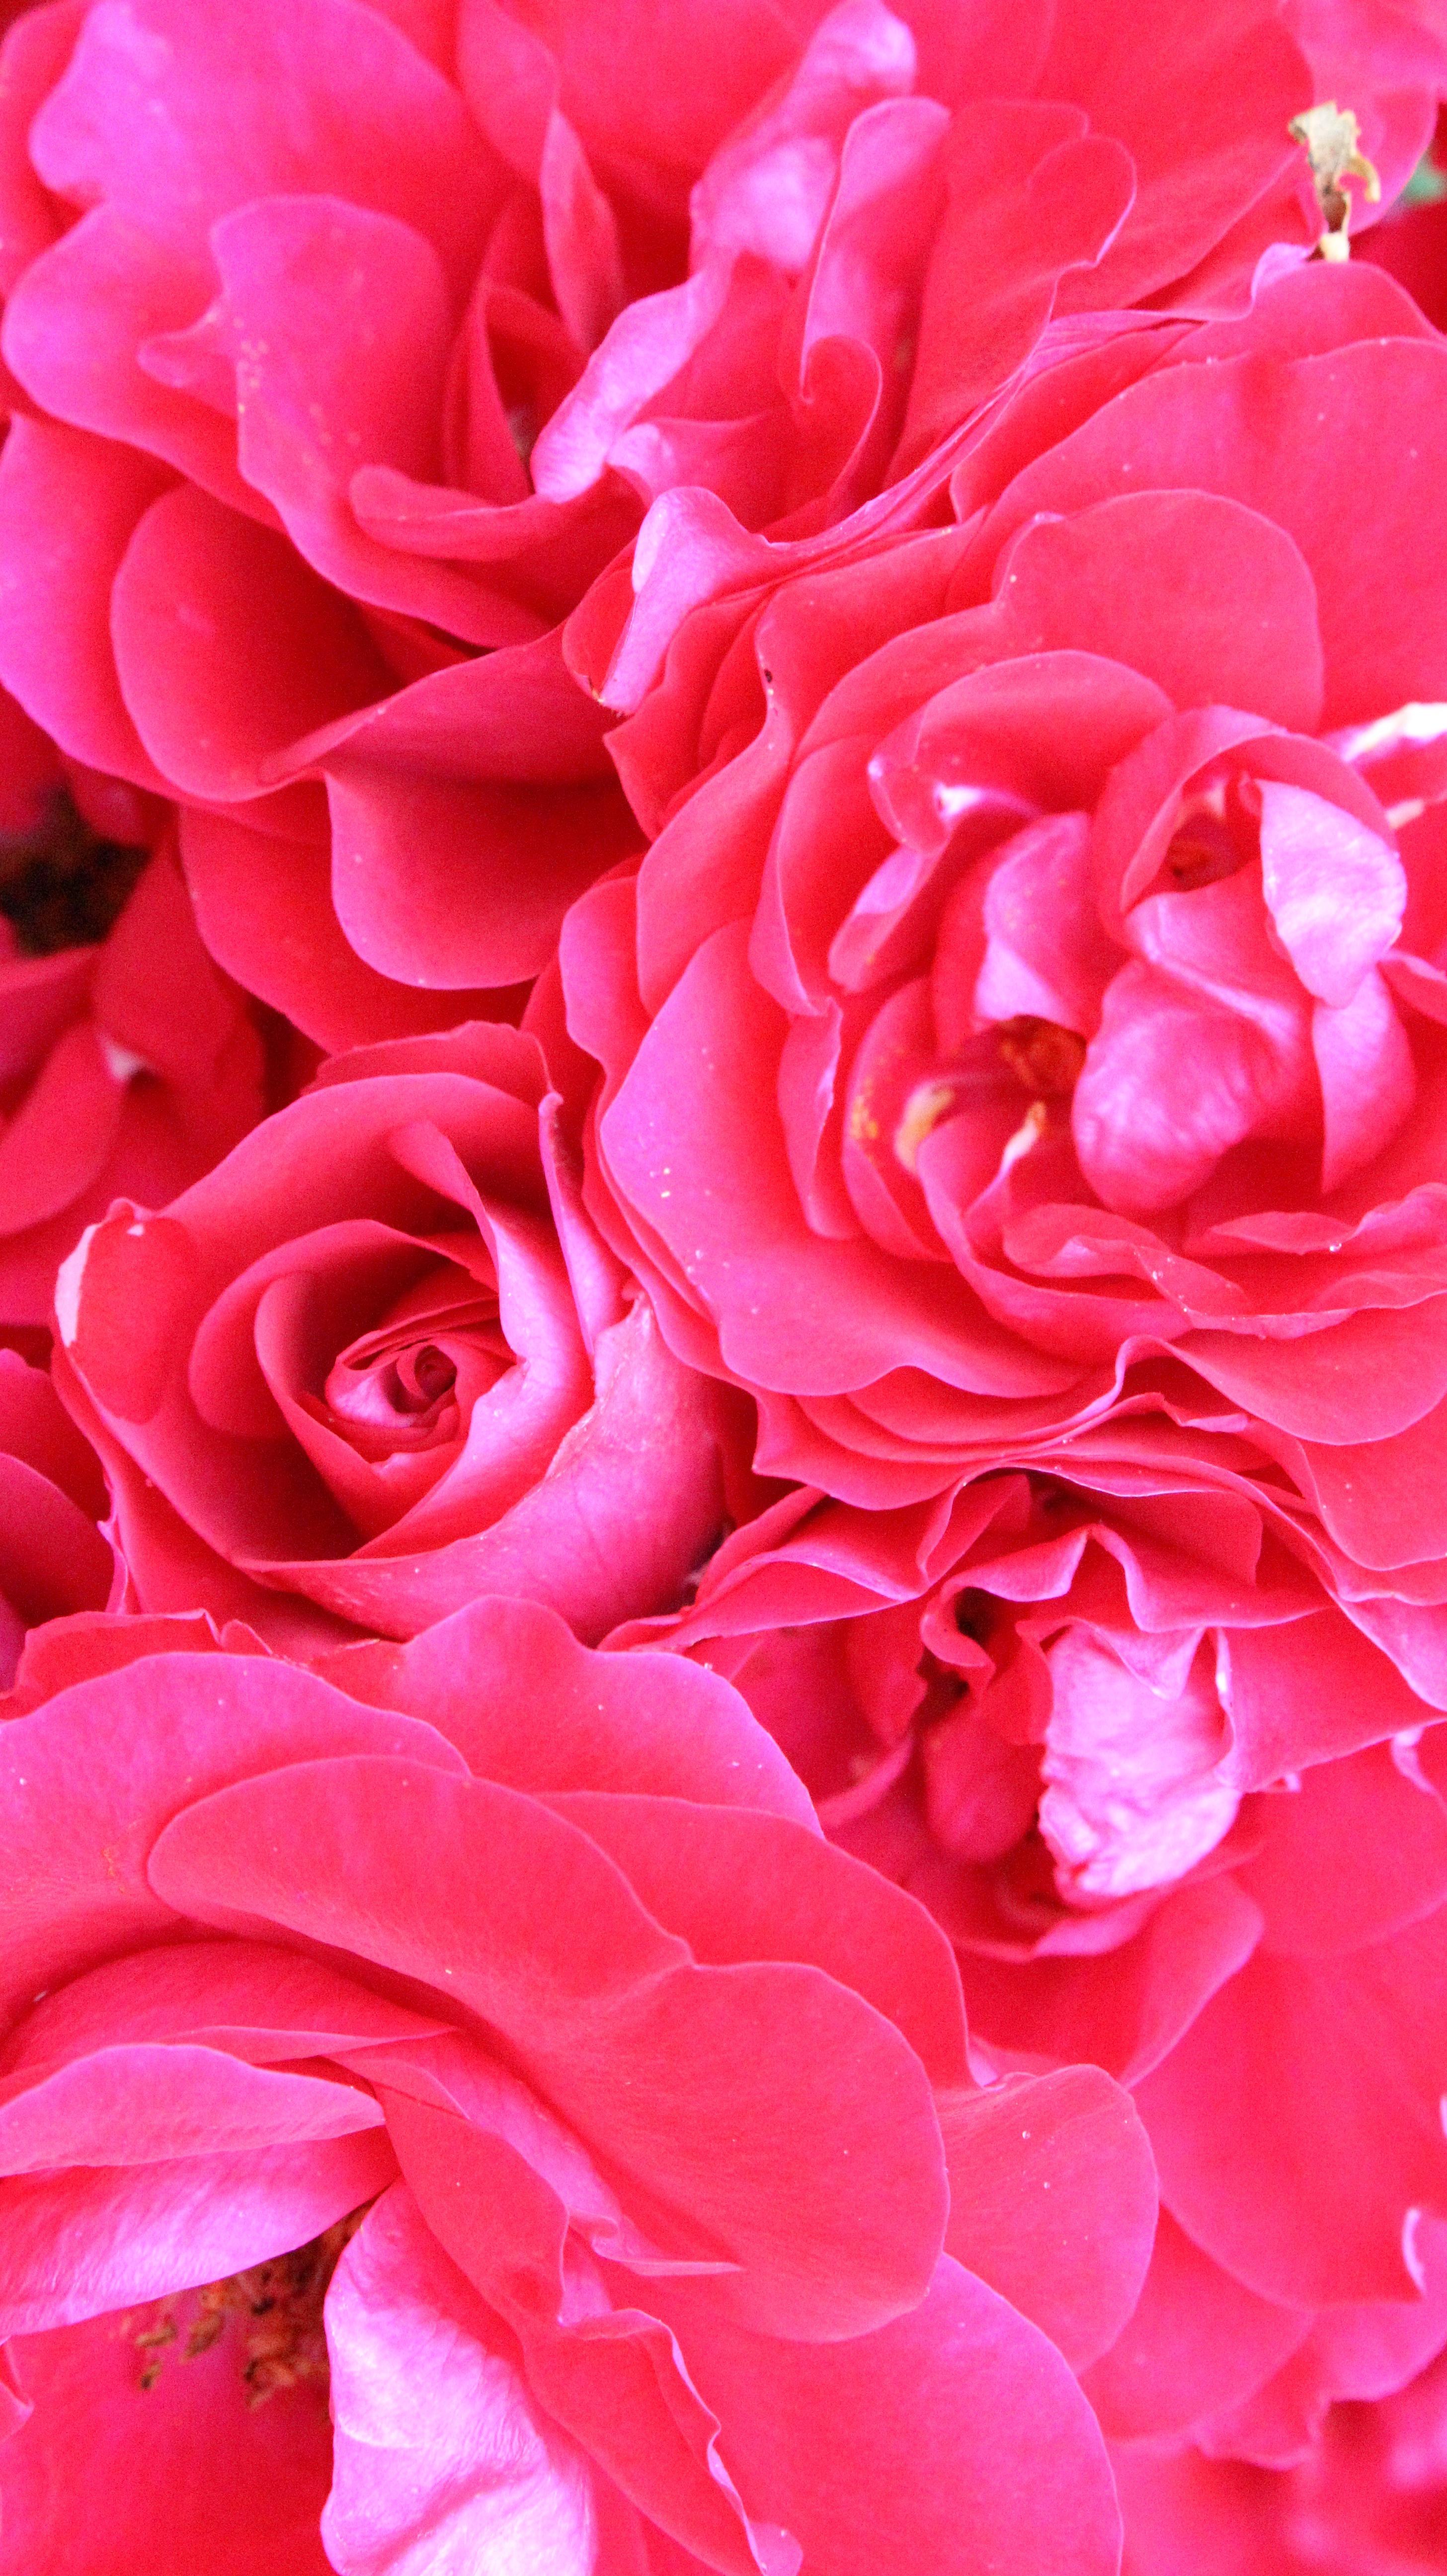 экономичный цветы розовых оттенков картинки времени было уделено